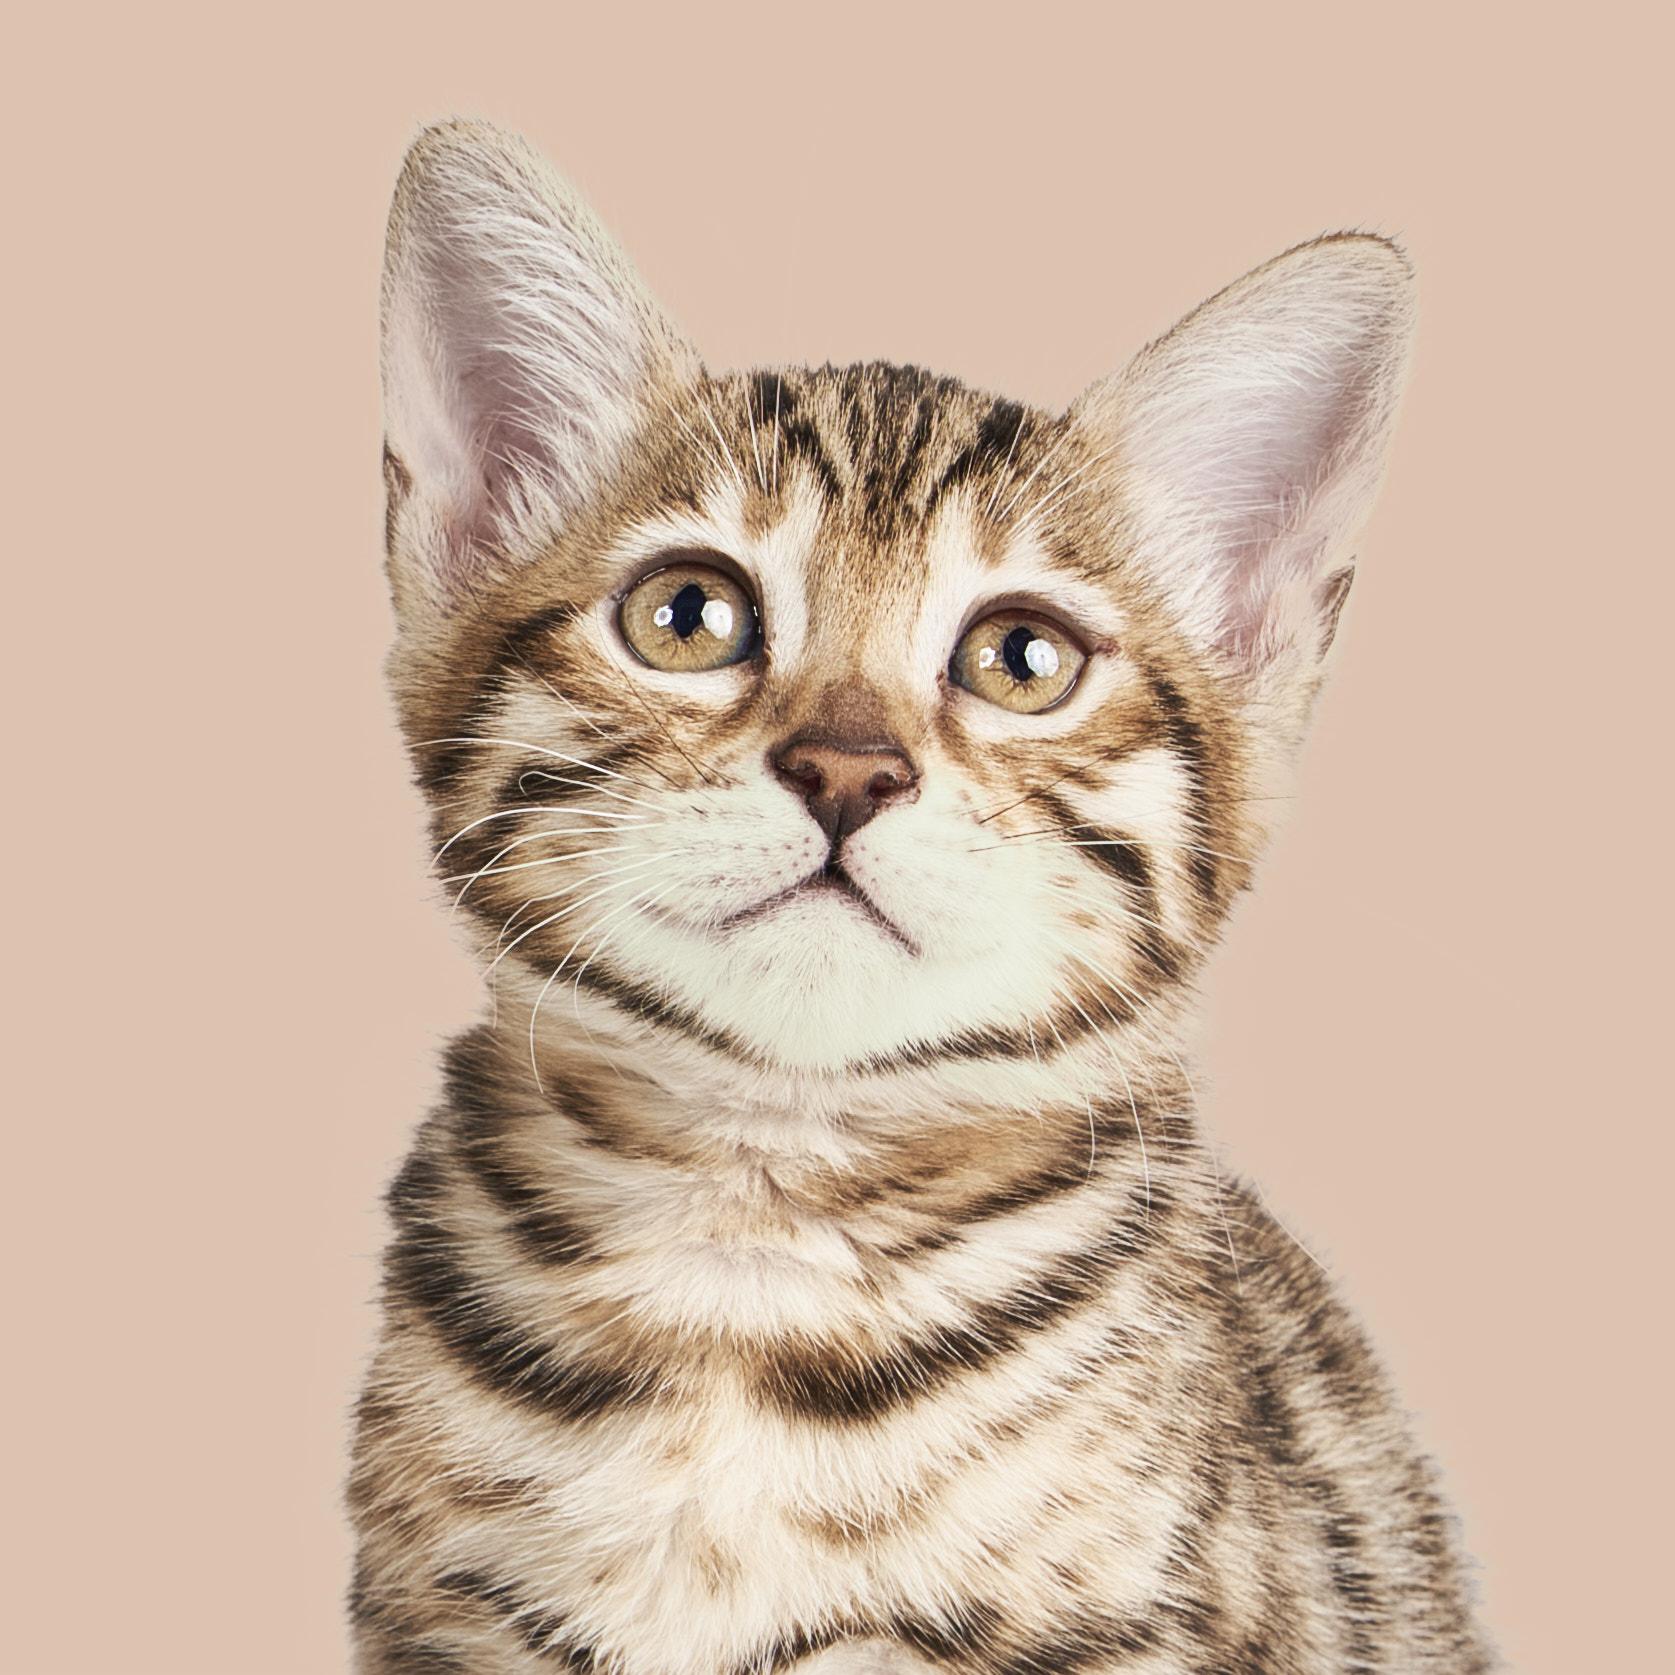 Gatos : Ele